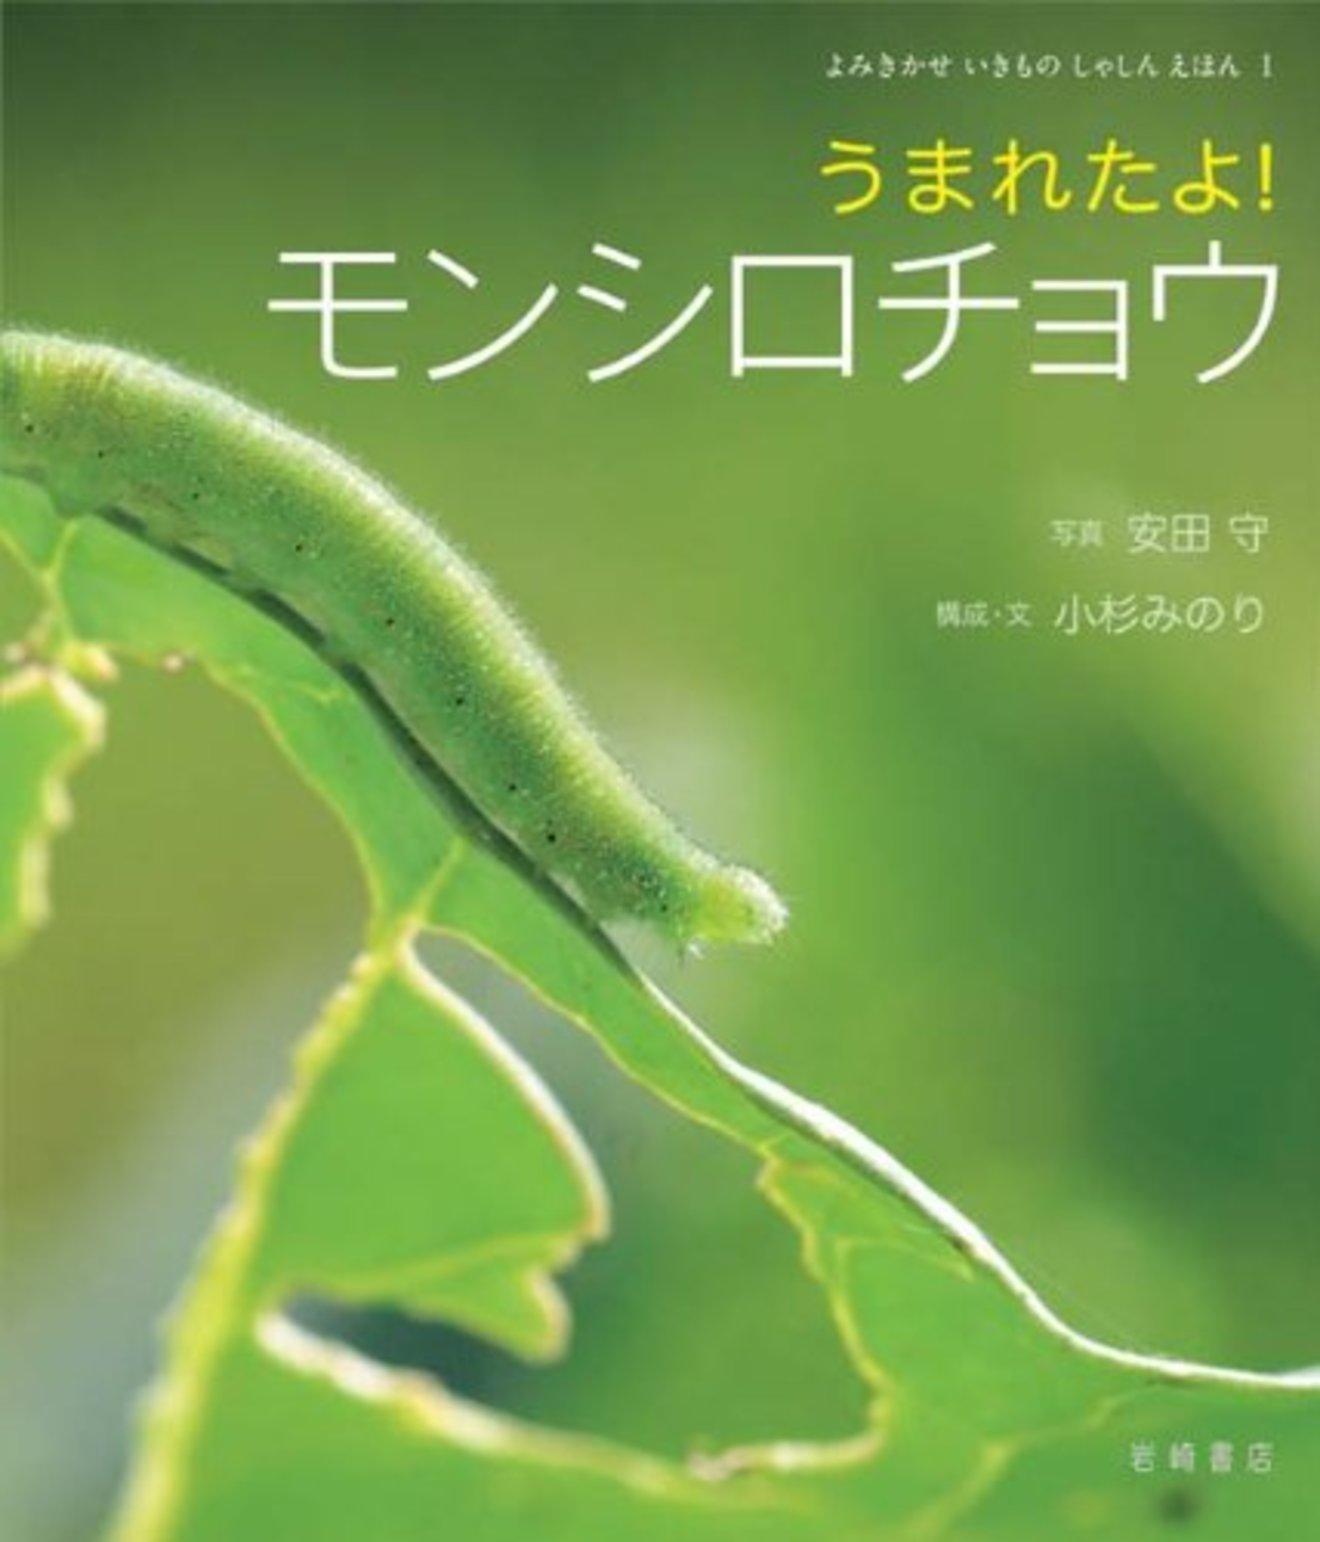 5分でわかるモンシロチョウの生態!卵~幼虫~さなぎ~成虫と一生を解説!